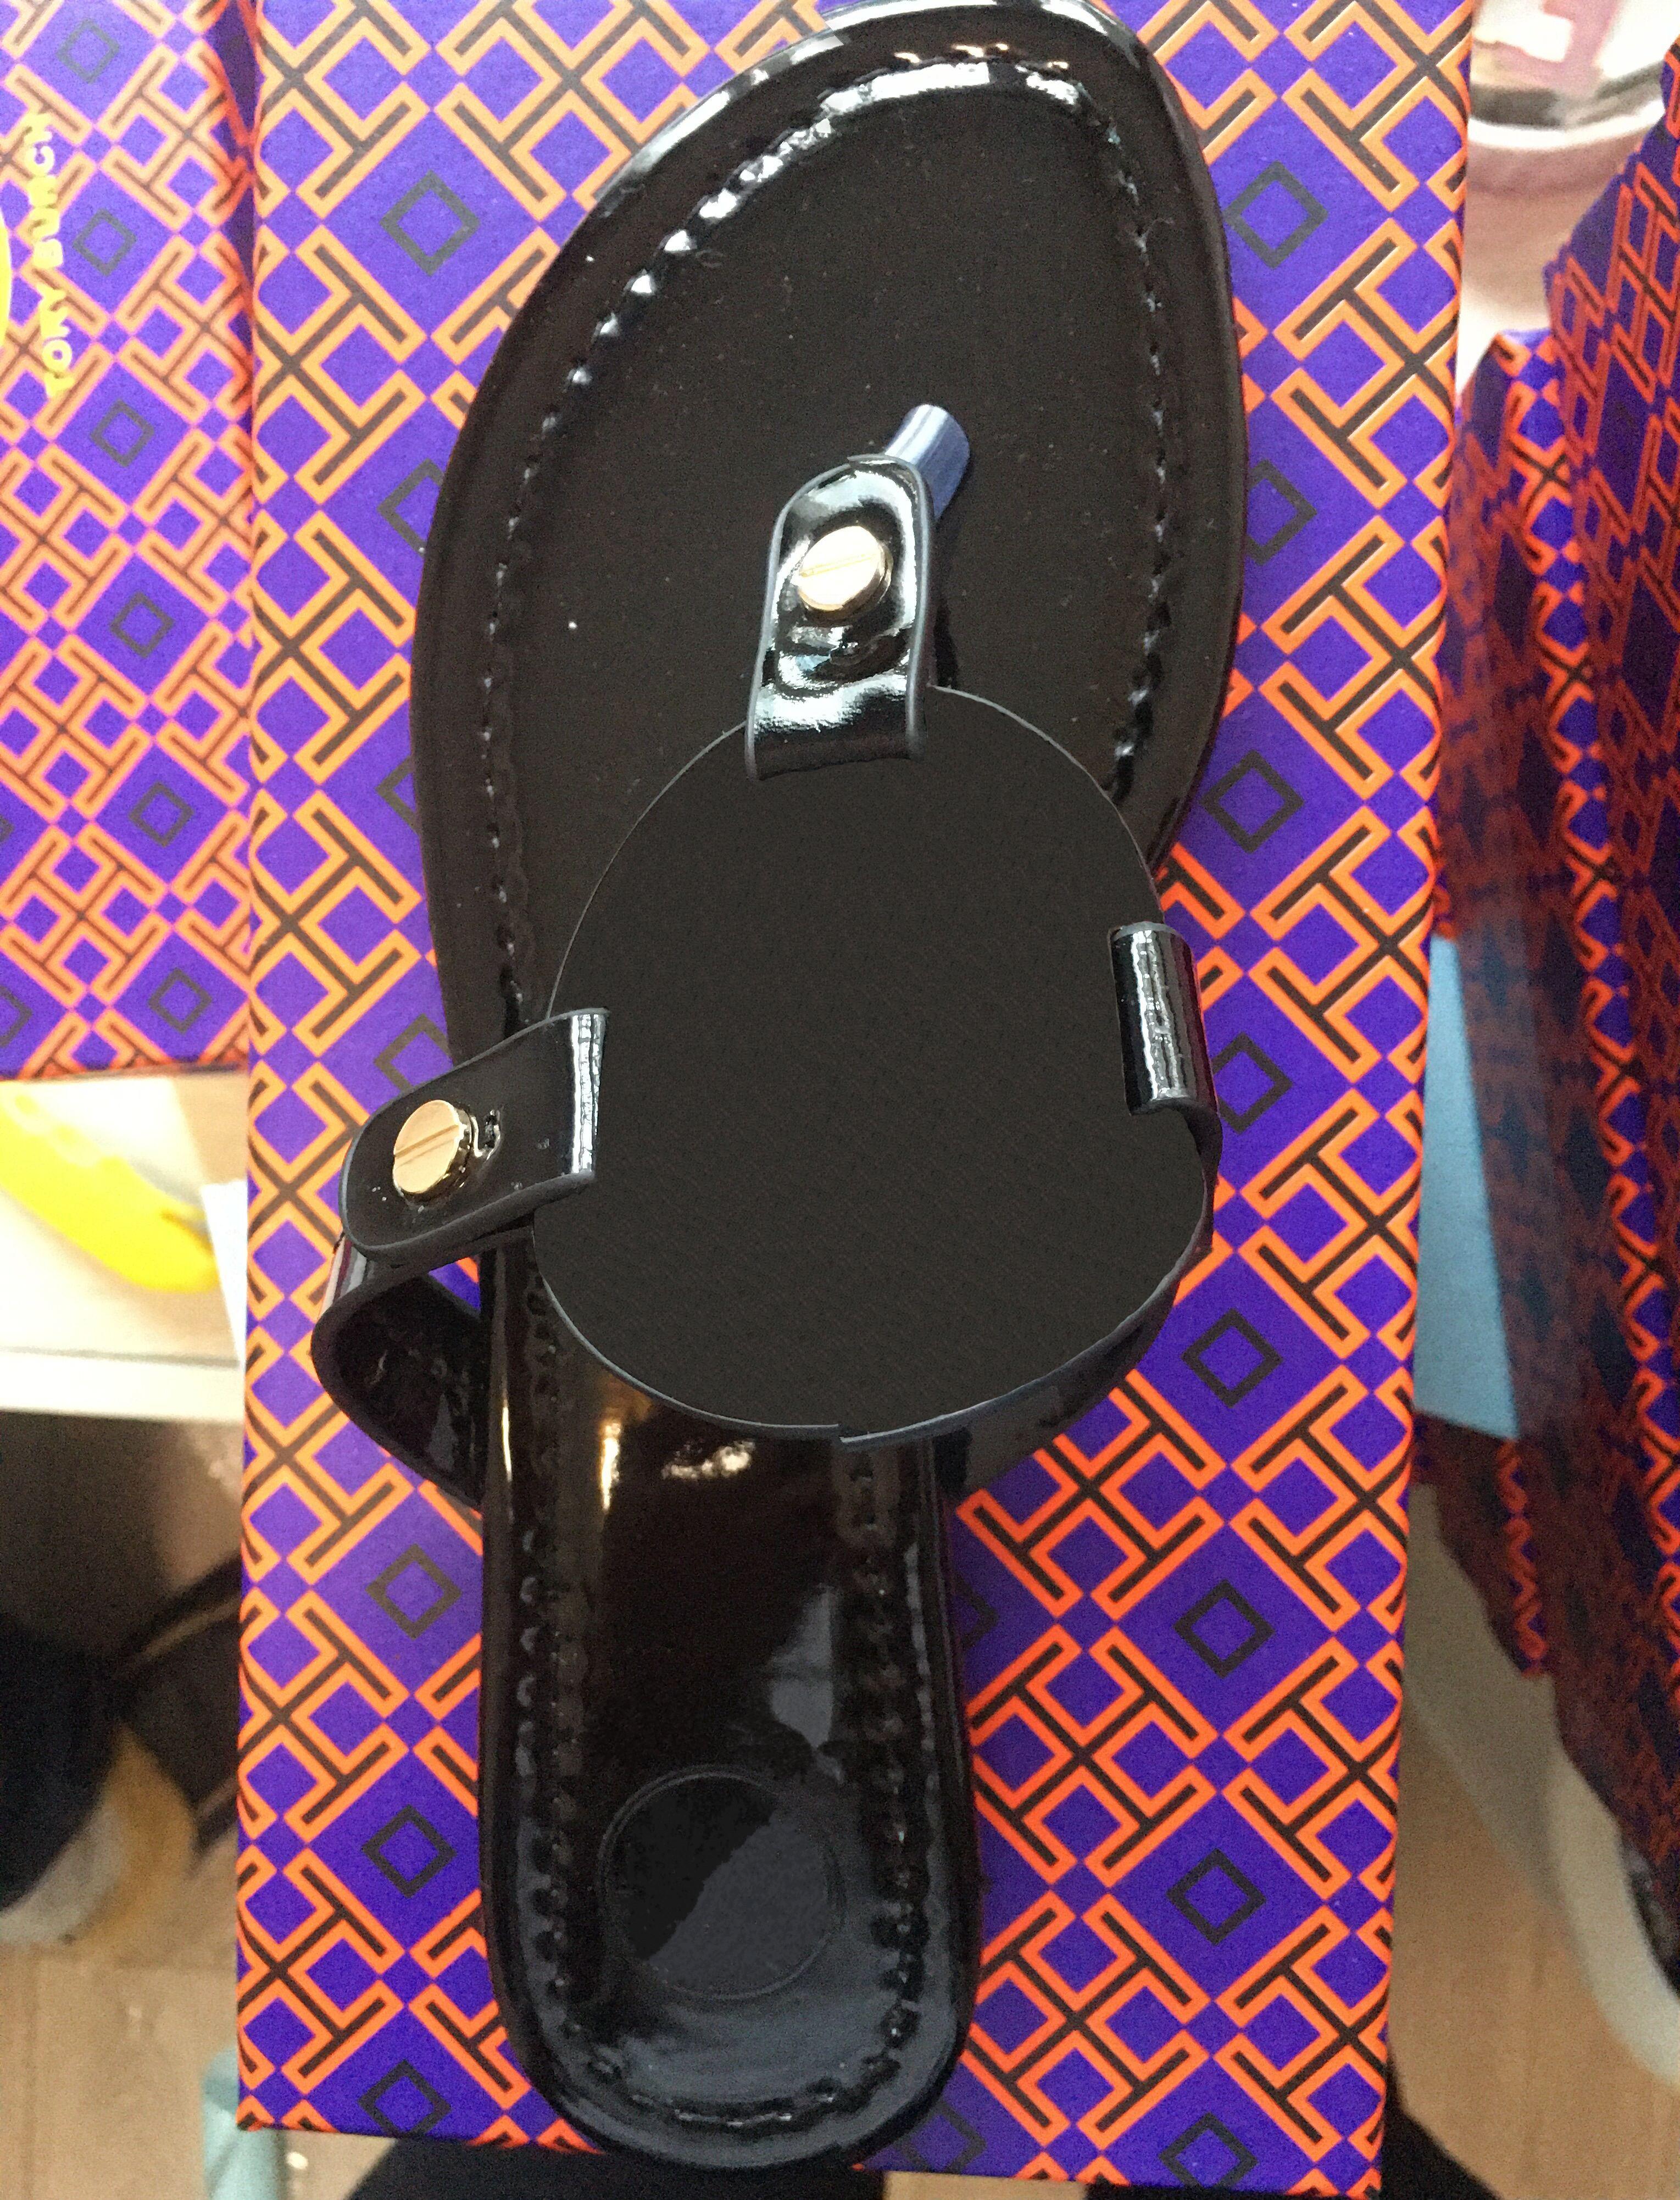 Высокое качество Женские плоские тапочки роскоши дизайнерские сандалии кожаные бренд девушки слайд сандалии повседневные флип-флепы размером 35-43 с коробкой